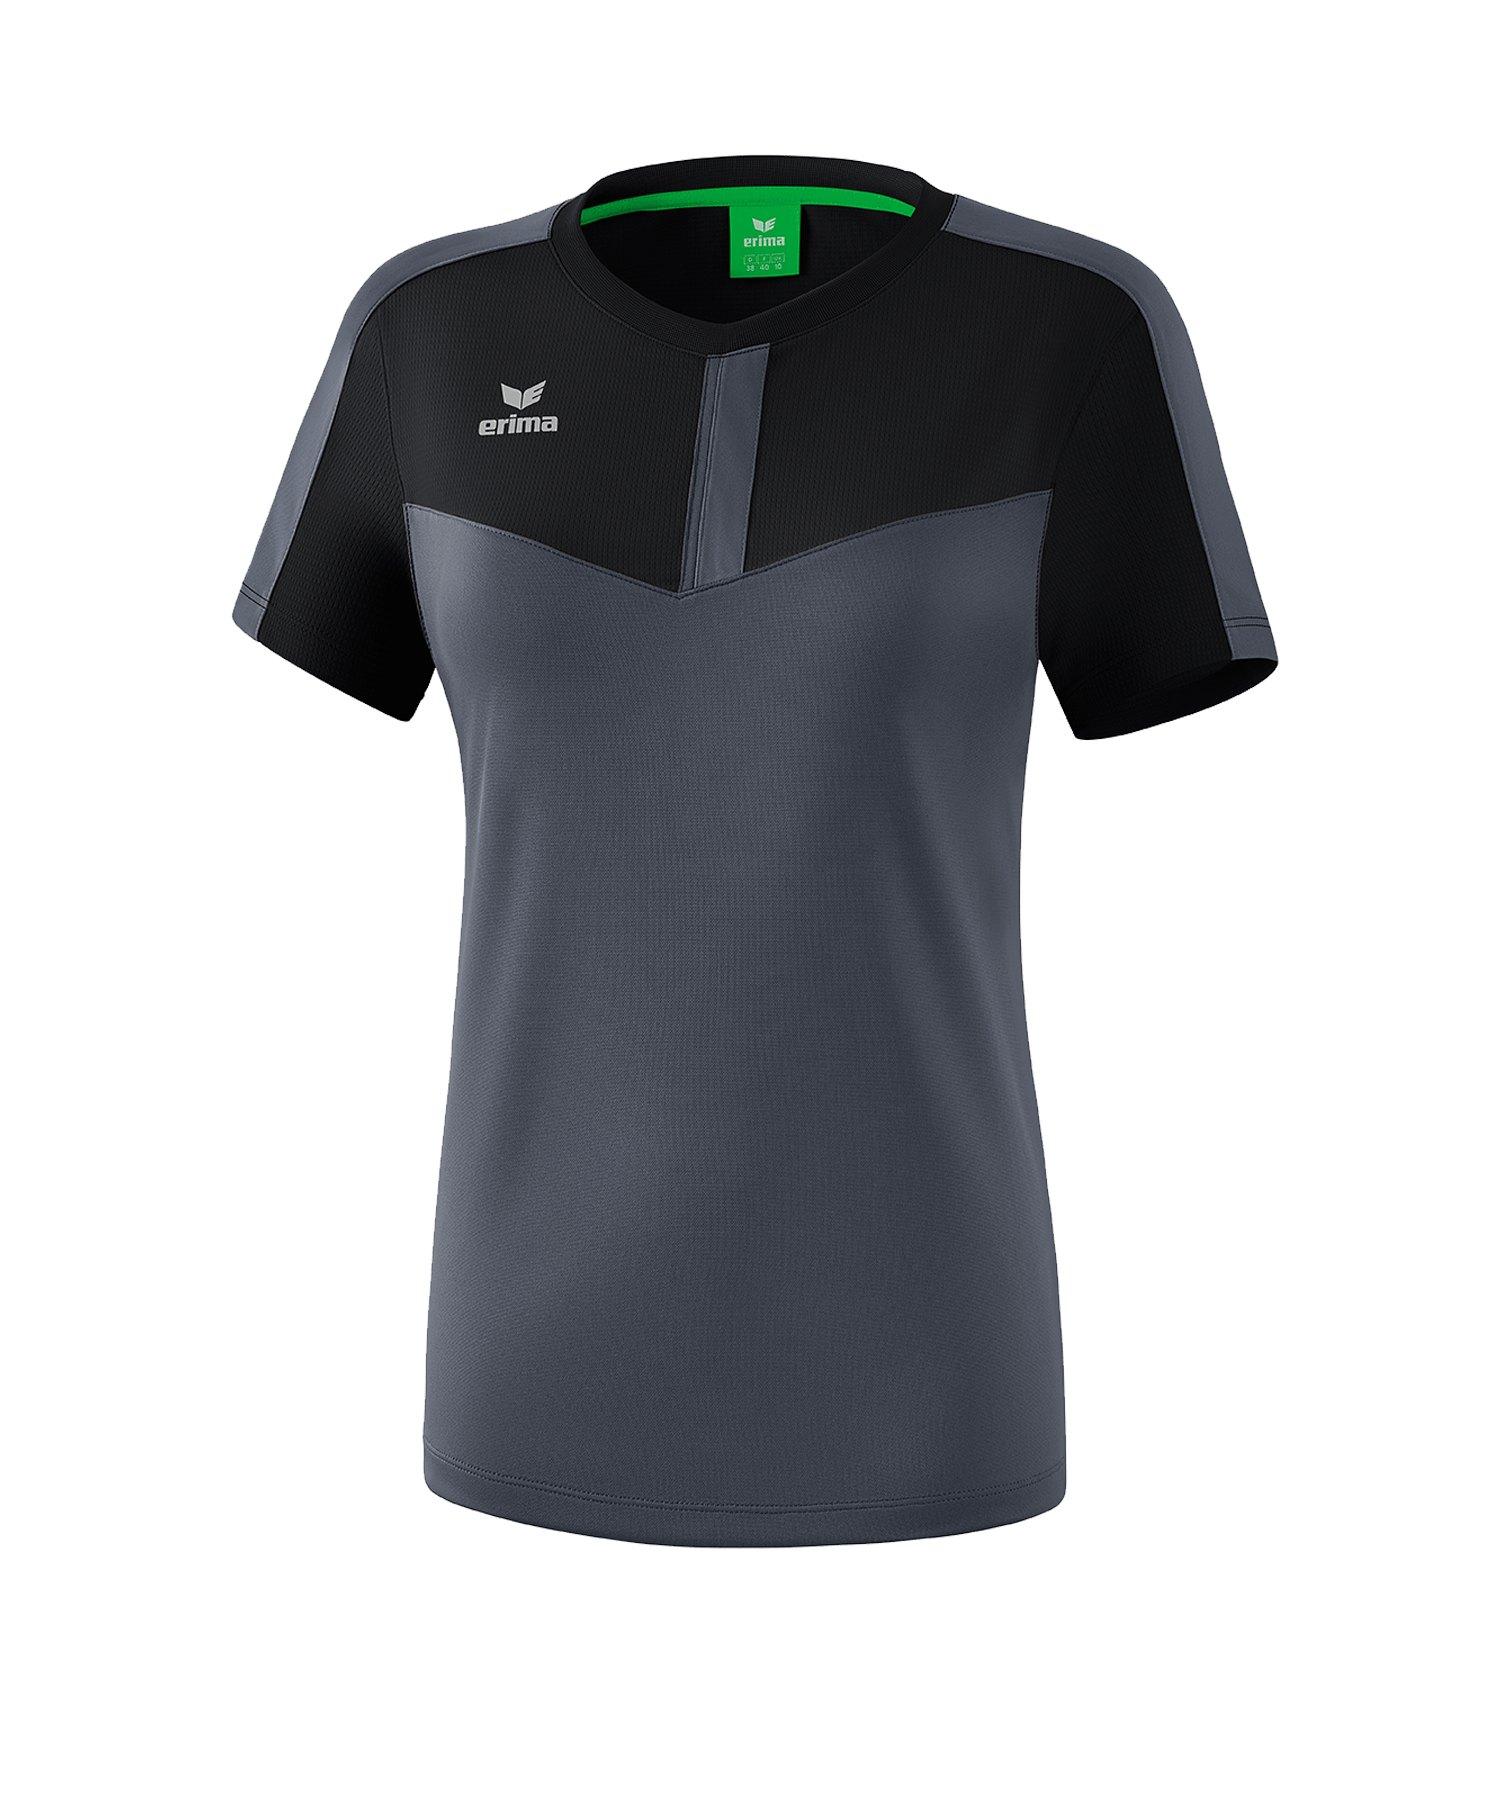 Erima Squad T-Shirt Damen Schwarz Grau - schwarz